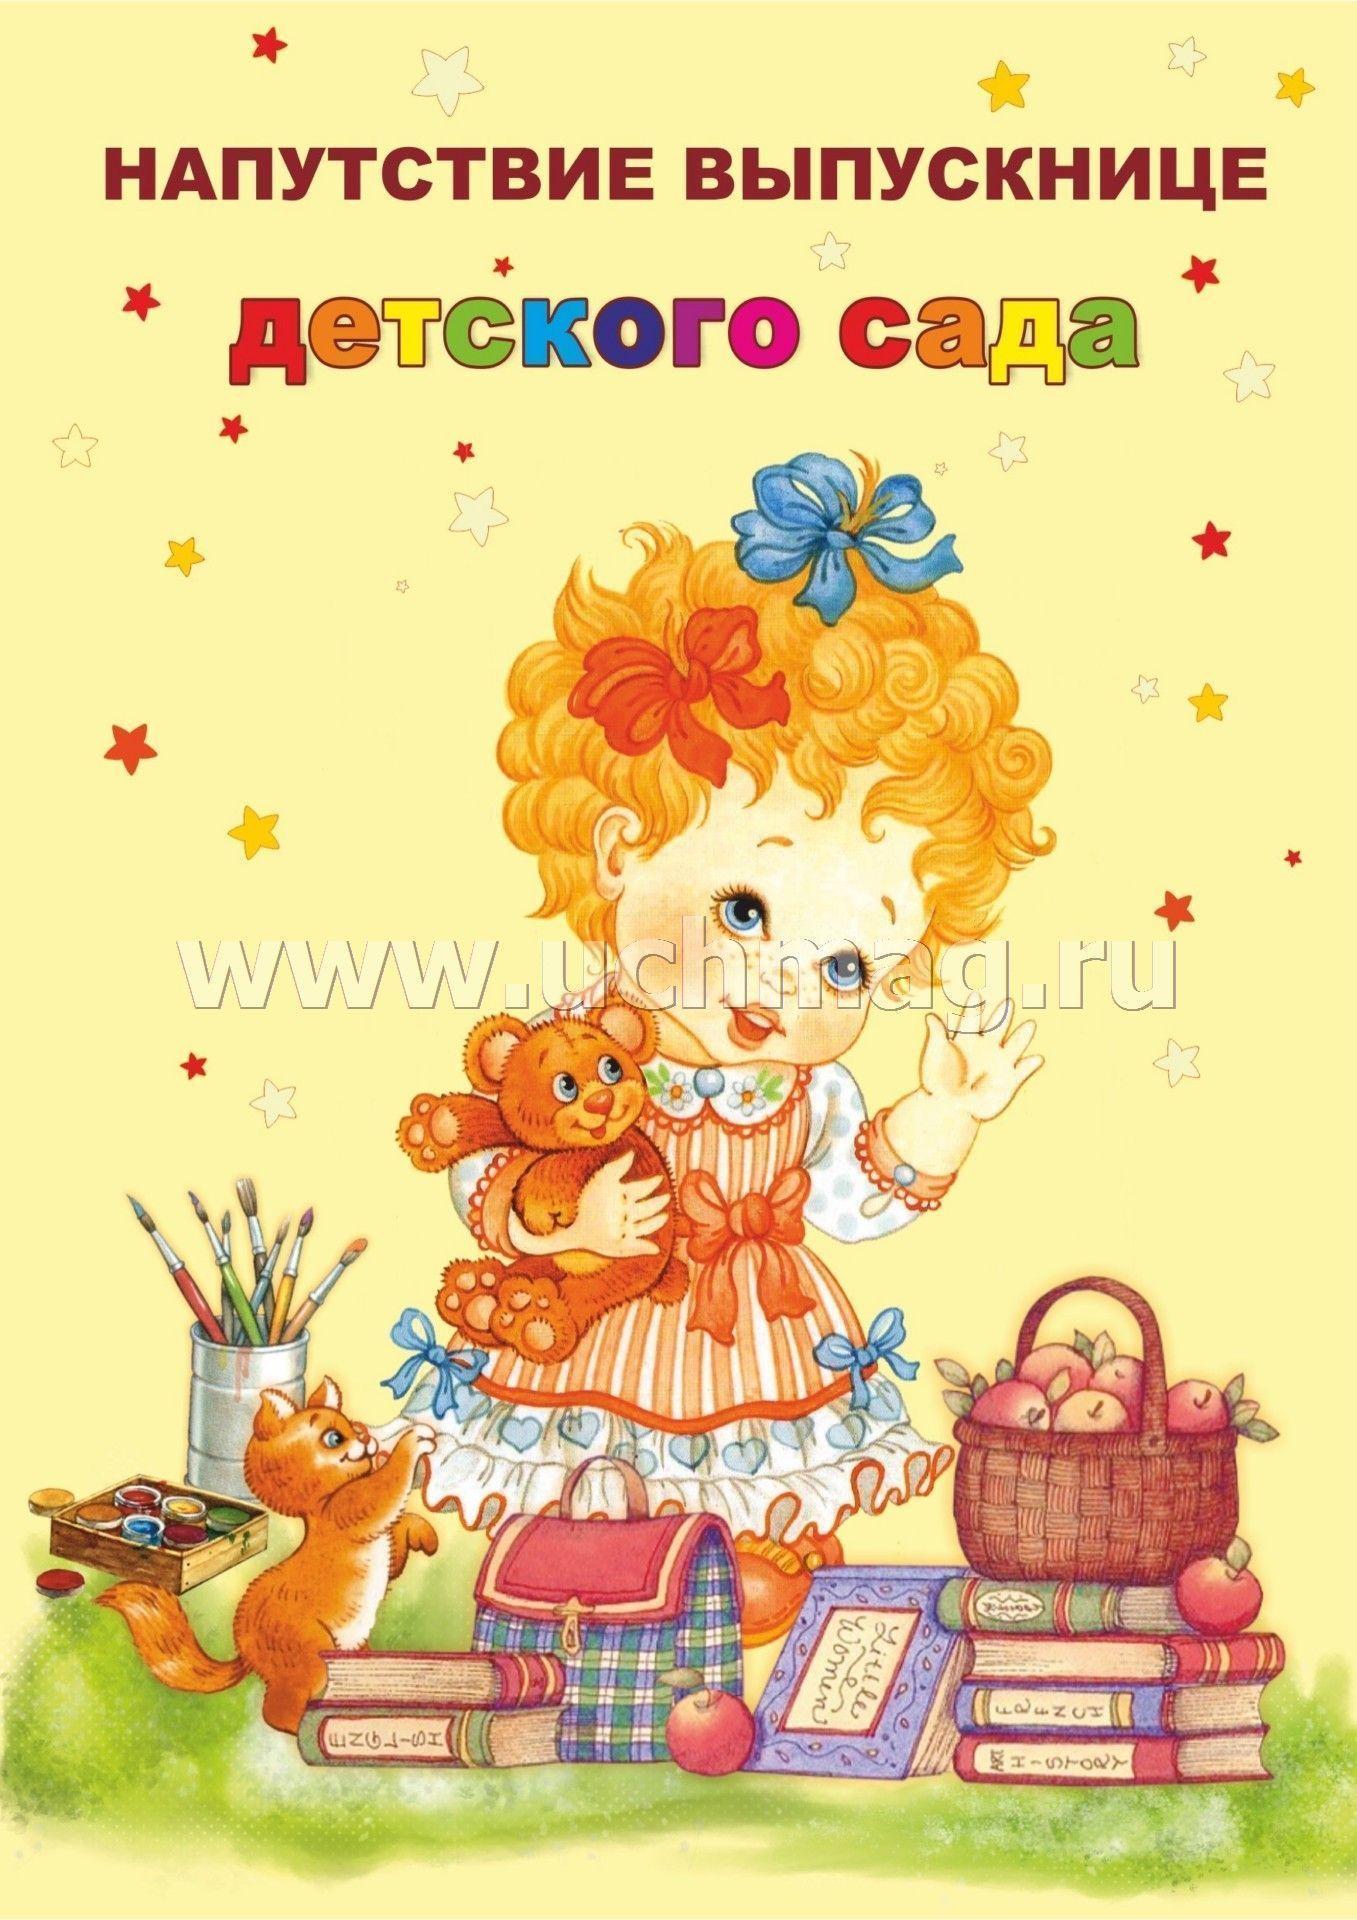 Детский сад поздравления открытки фото 464